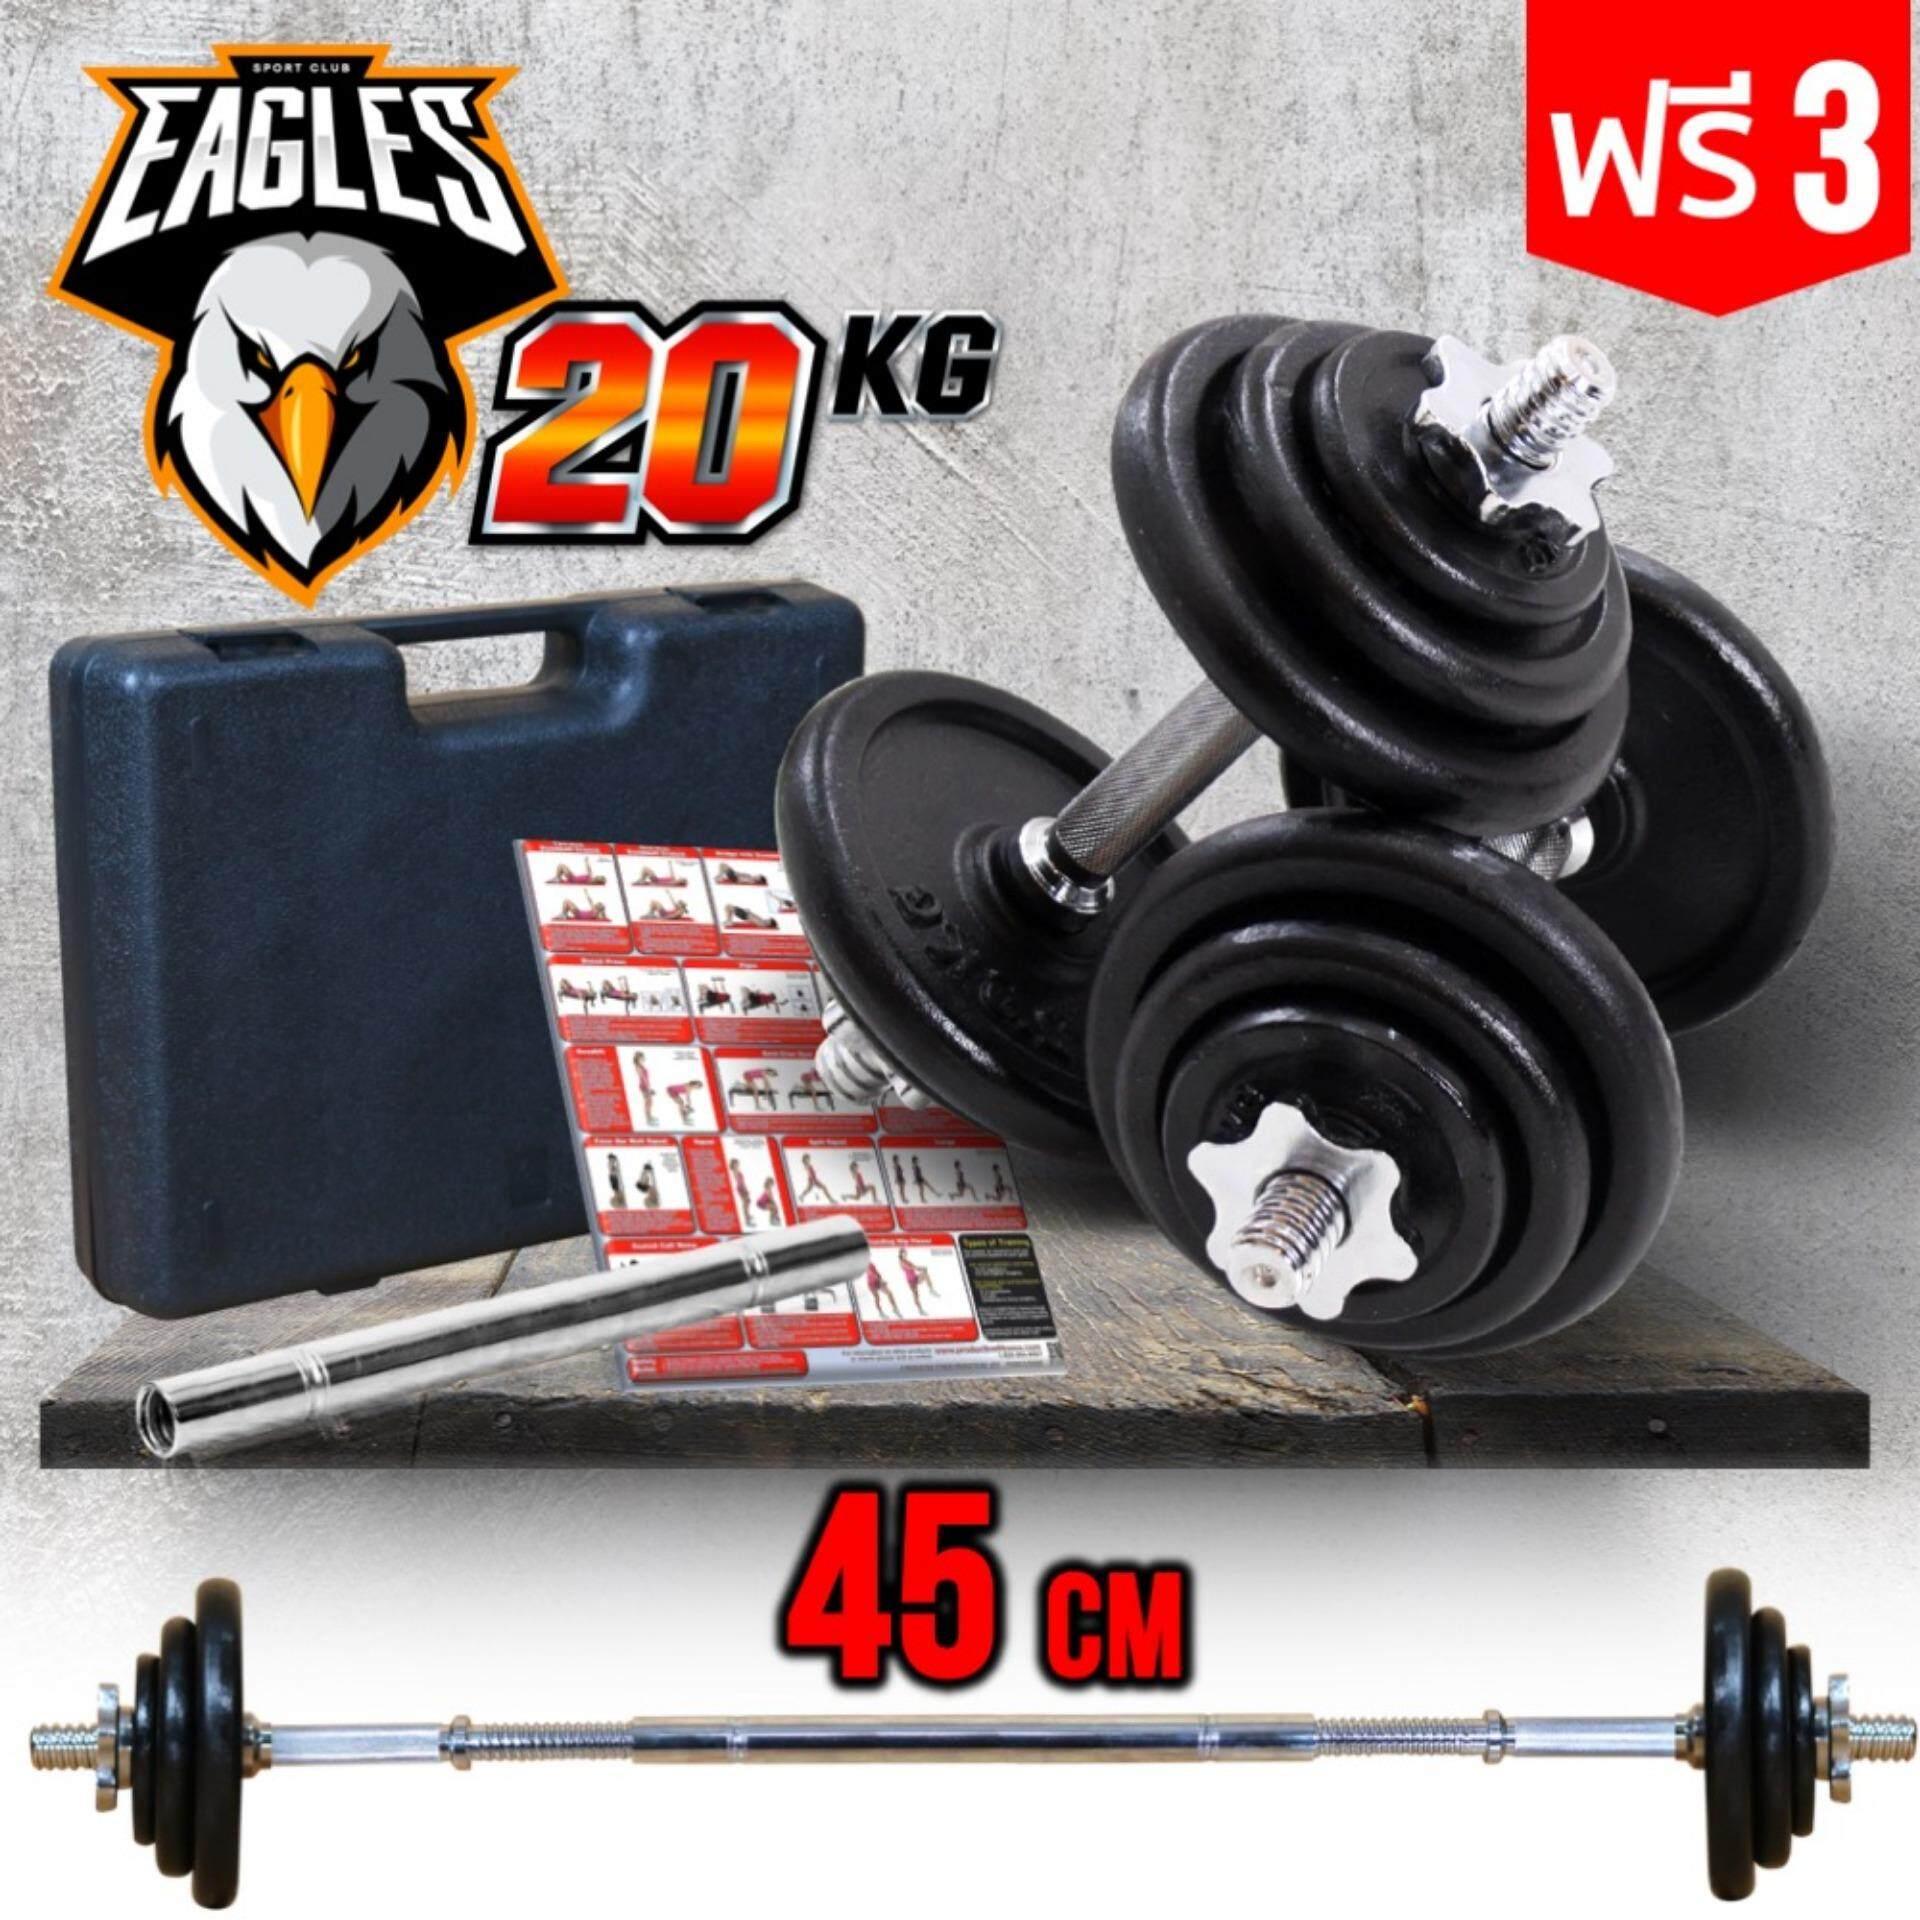 ส่วนลด Zoo ดัมเบล 20Kg สีดำ ปรับน้ำหนักได้ ข้อต่อดัมเบล 45Cm โปรแกรมฝึก Z4 ไทย